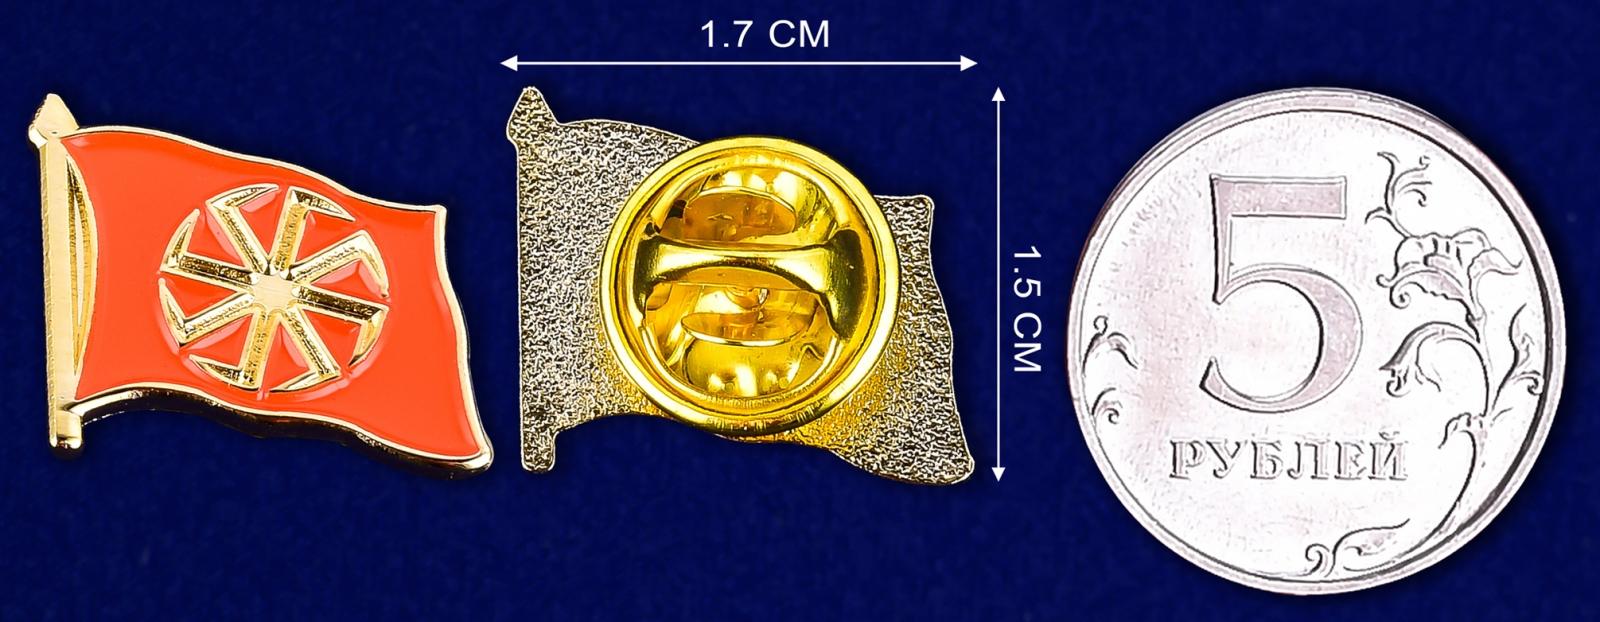 Значок Коловрат - сравнительный размер